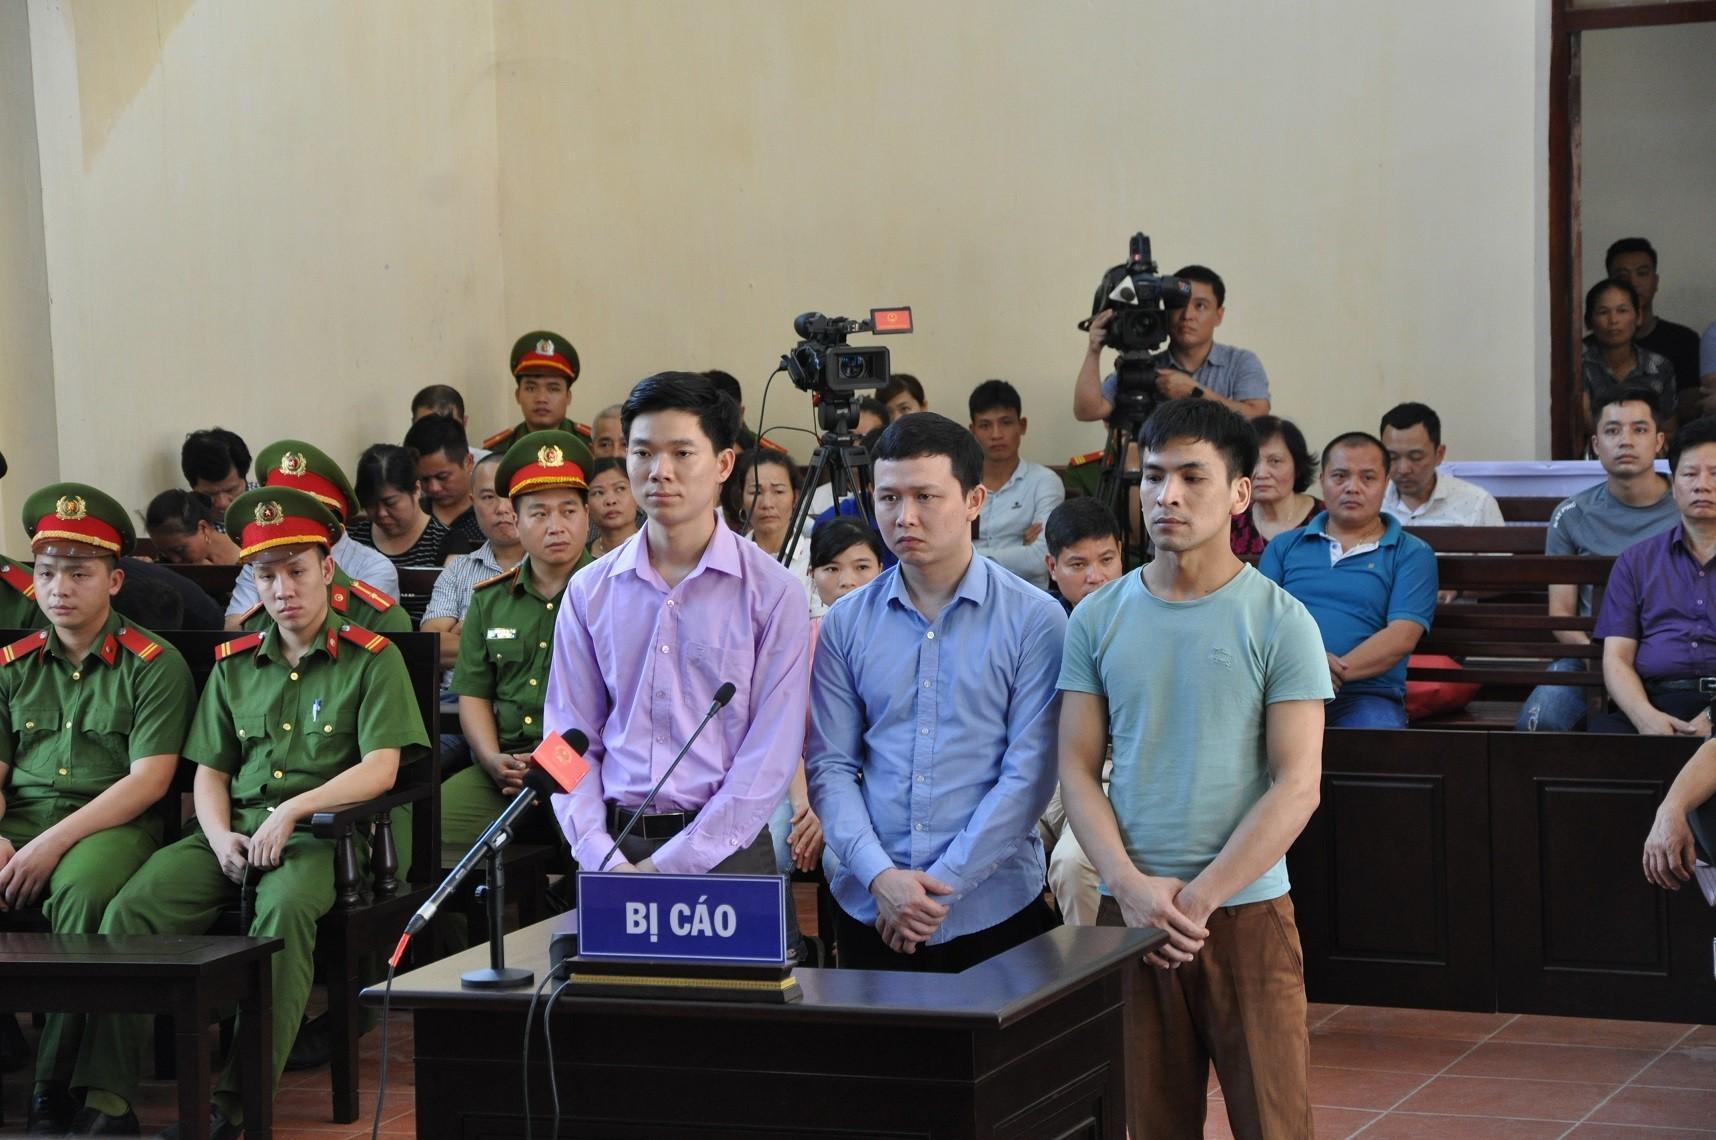 Công an đã khởi tố thêm 2 người nâng tổng số bị can lên 5 người.